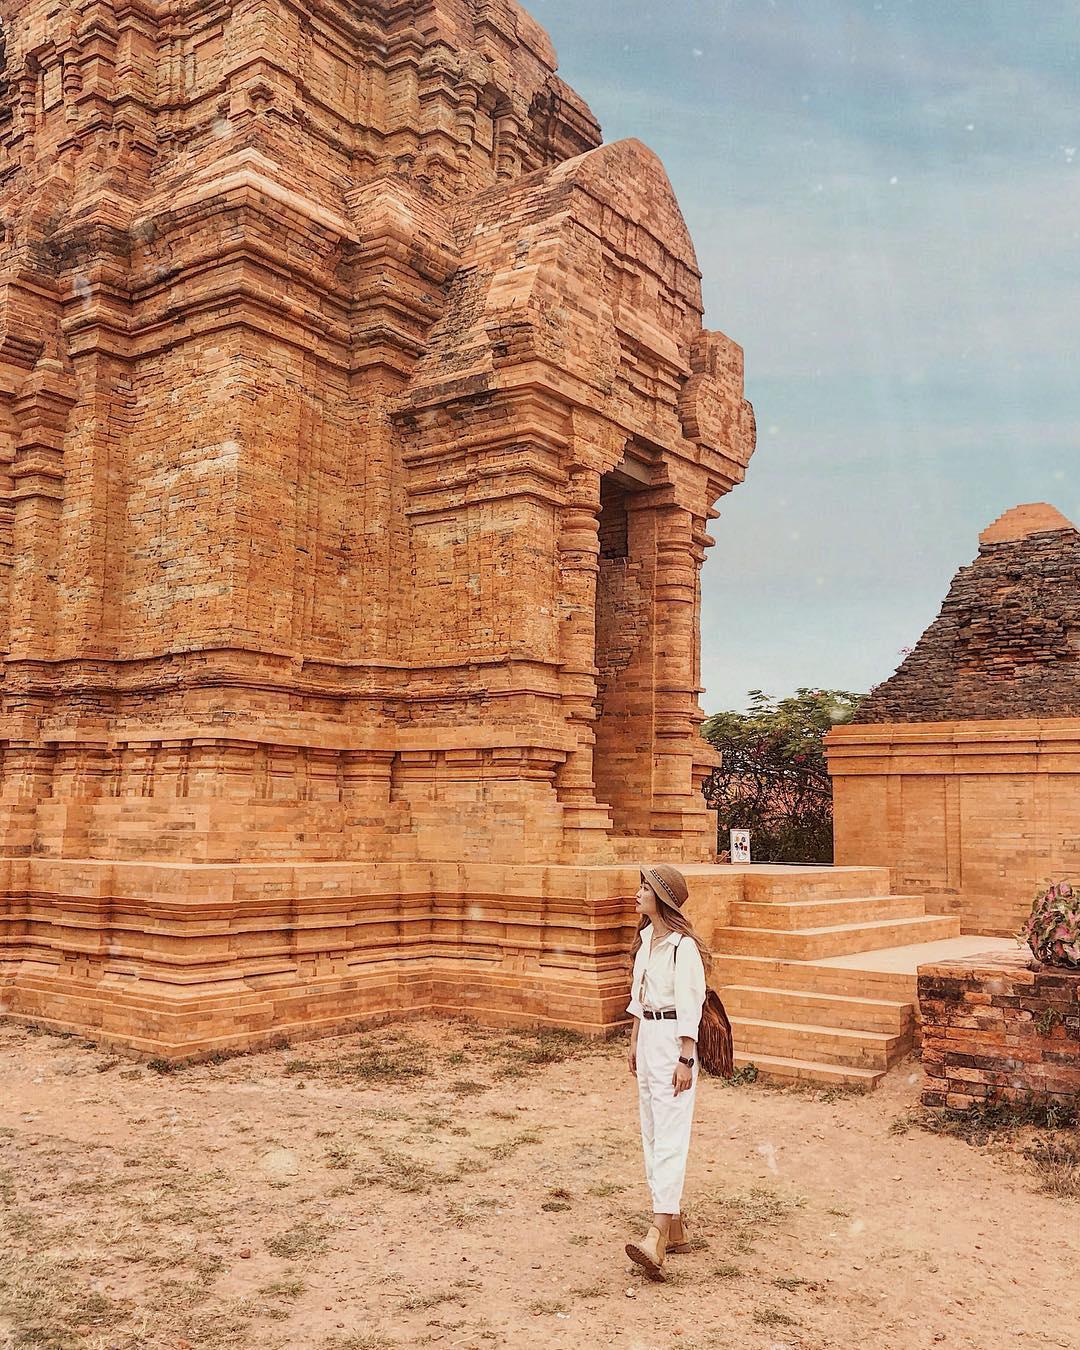 Tháp Poshanu vẫn giữ nguyên được kiến trúc độc đáo. Hình: Sưu tầm